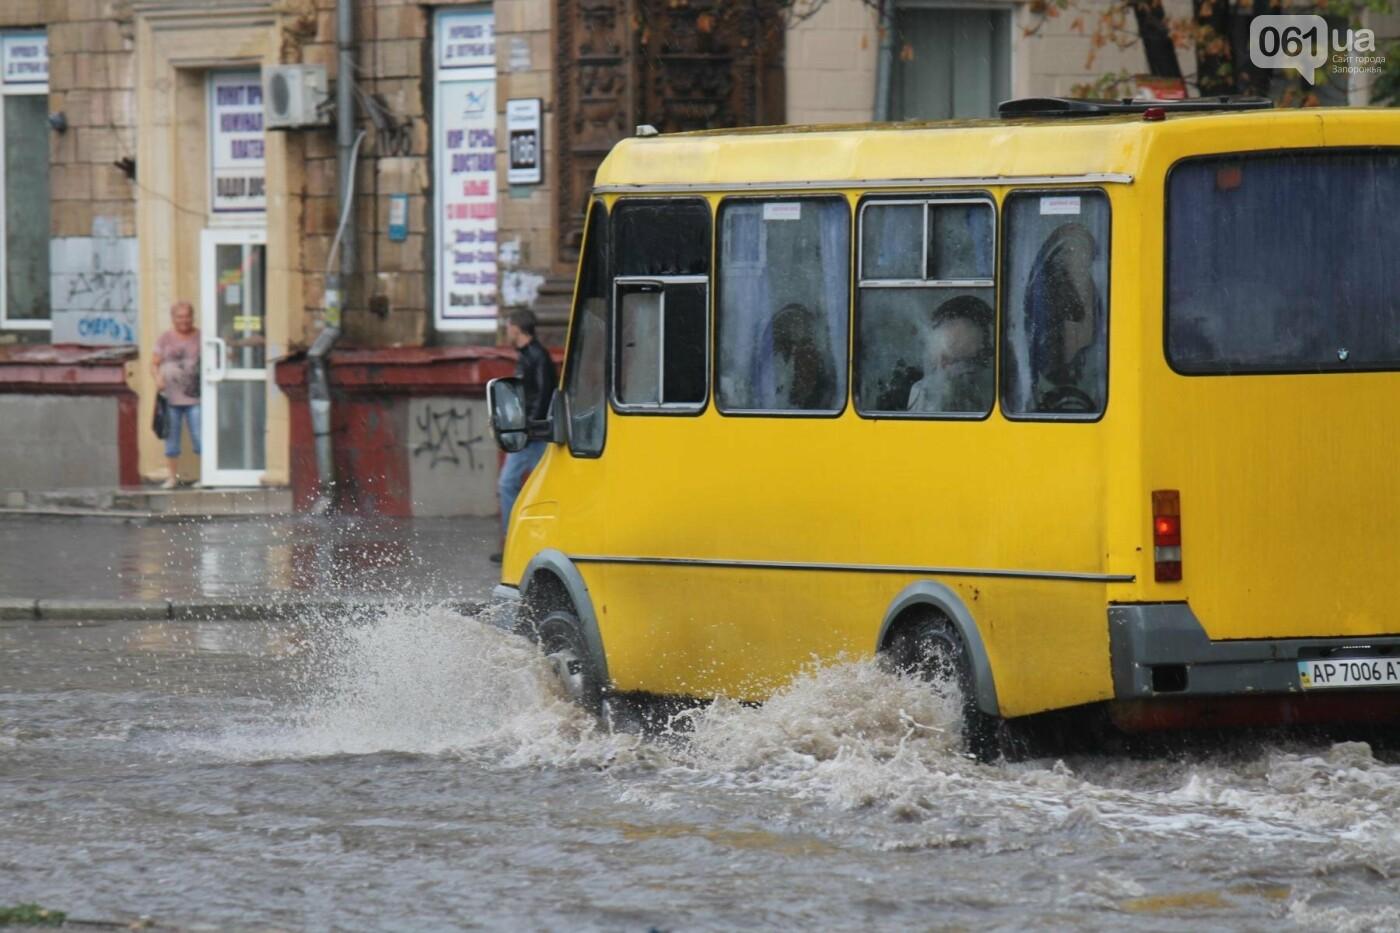 Запорожье накрыл мощный ливень: улицы затопило, люди насквозь промокли, – ФОТОРЕПОРТАЖ, фото-2